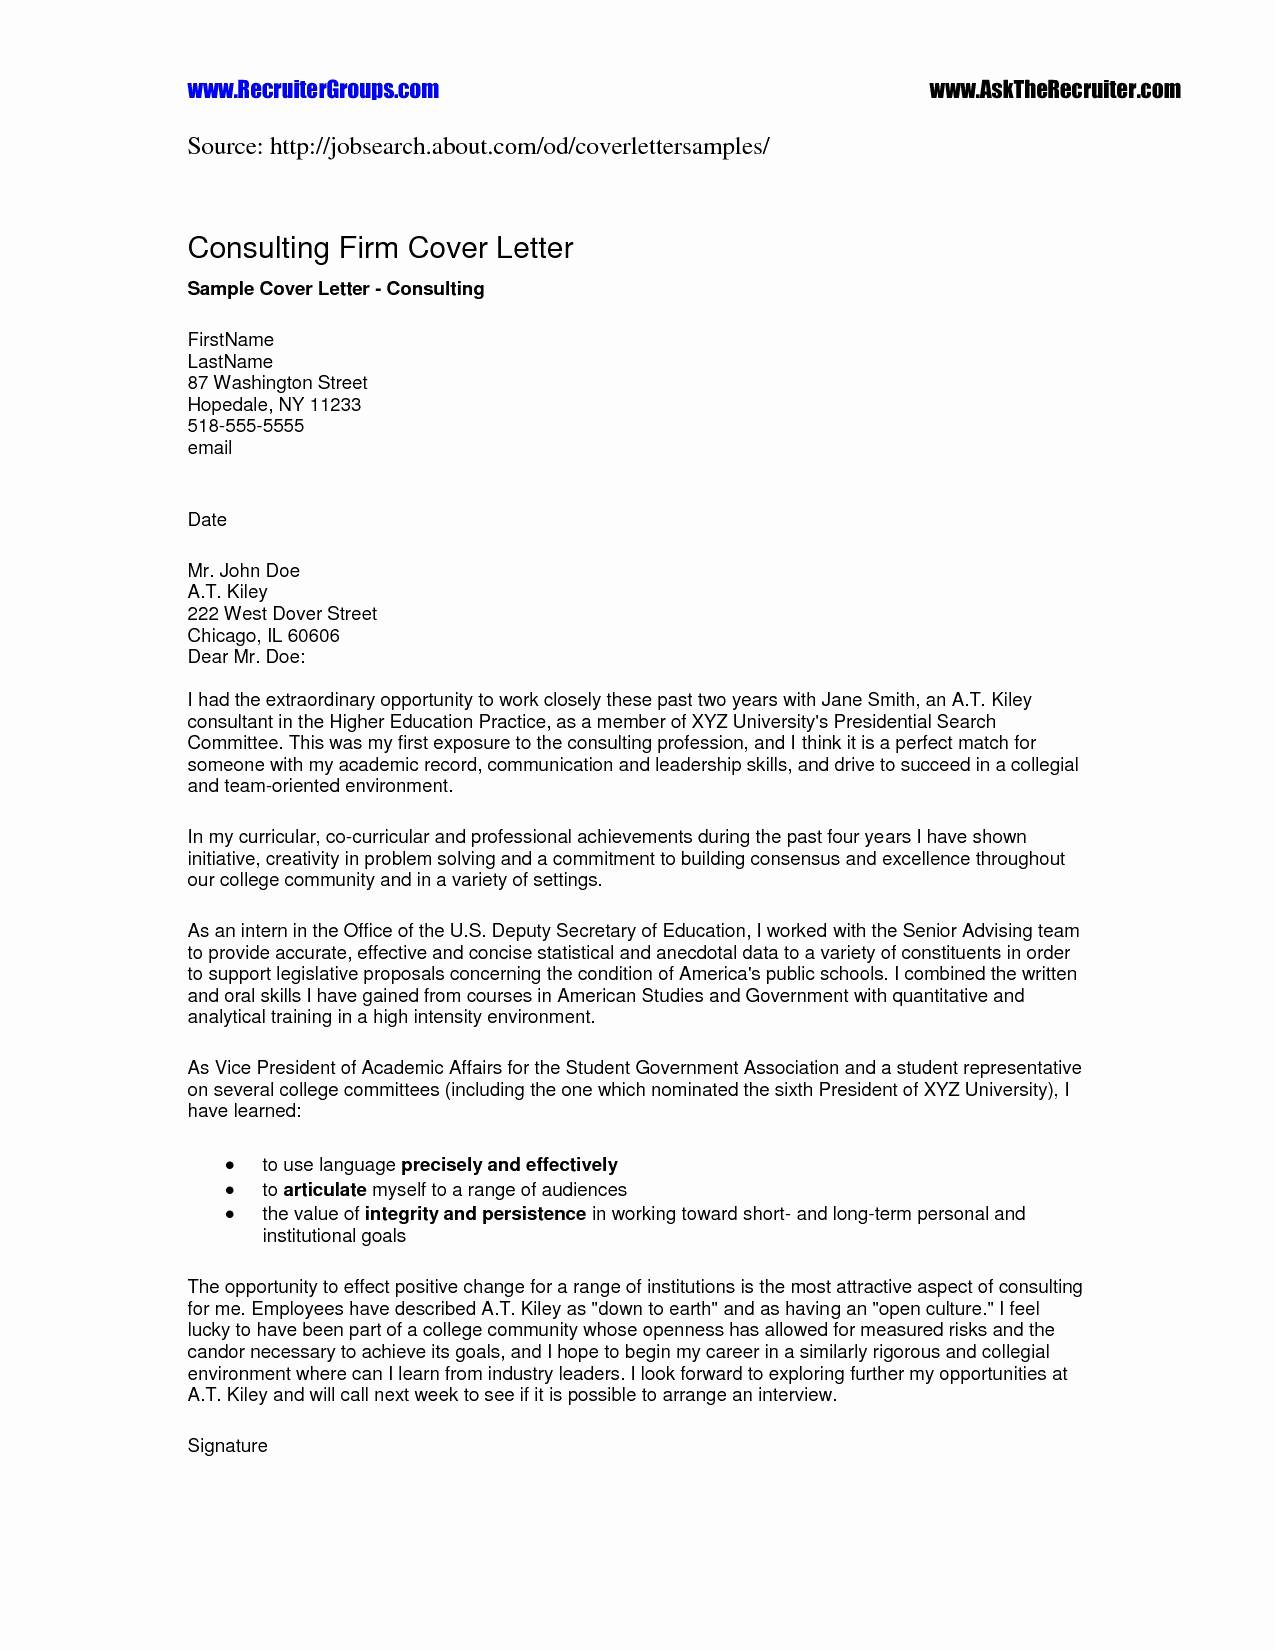 Resignation Letter Template Doc - Work Objectives Template Awesome Employment Fer Letter Template Doc